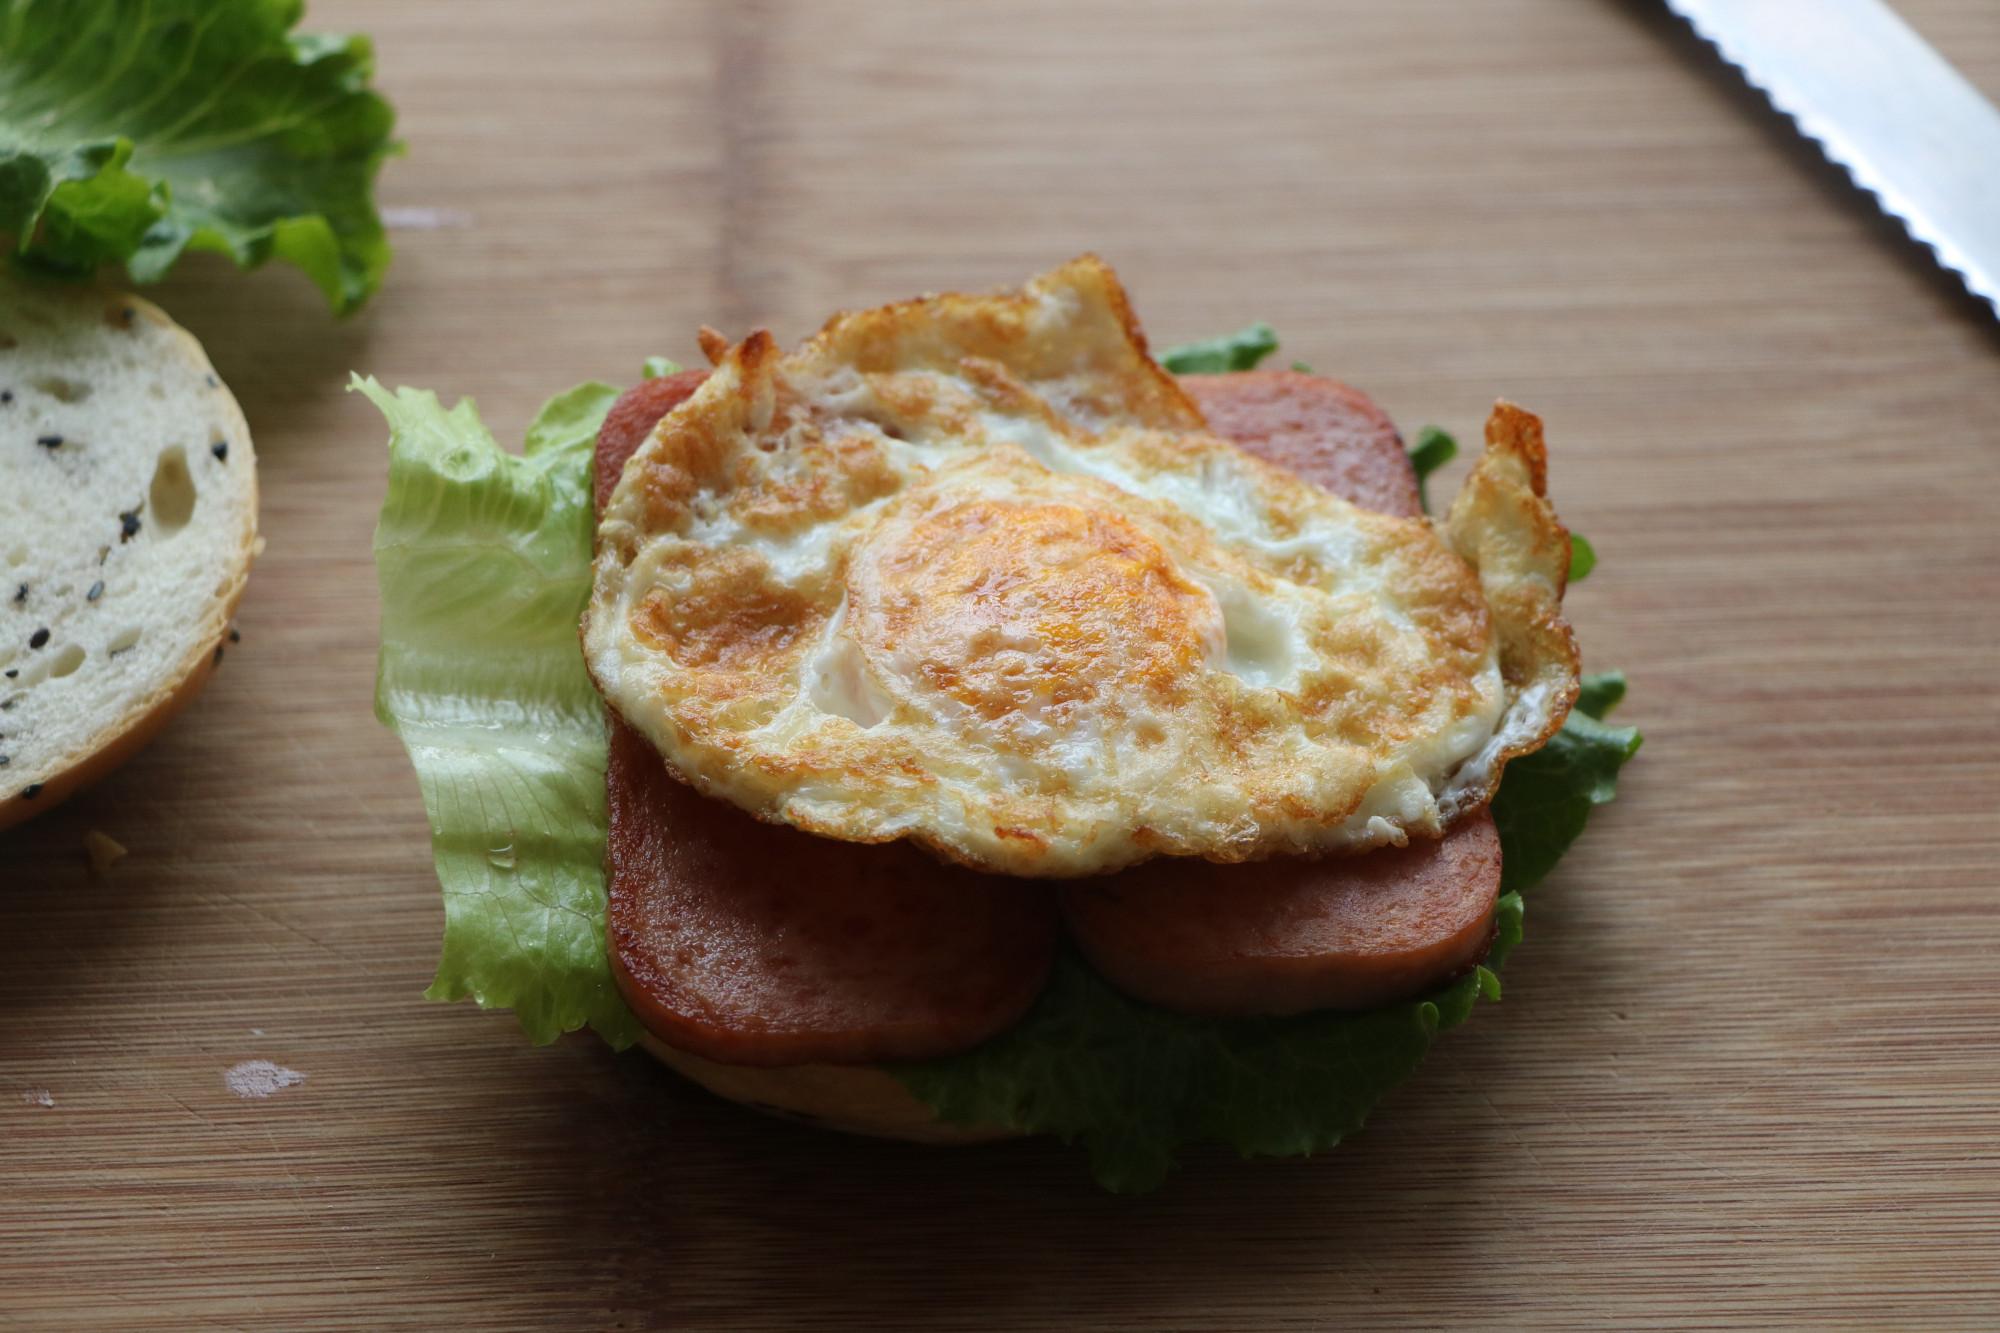 天氣涼了,懶人早餐備起來,提前一晚做好,早餐10分鐘搞定